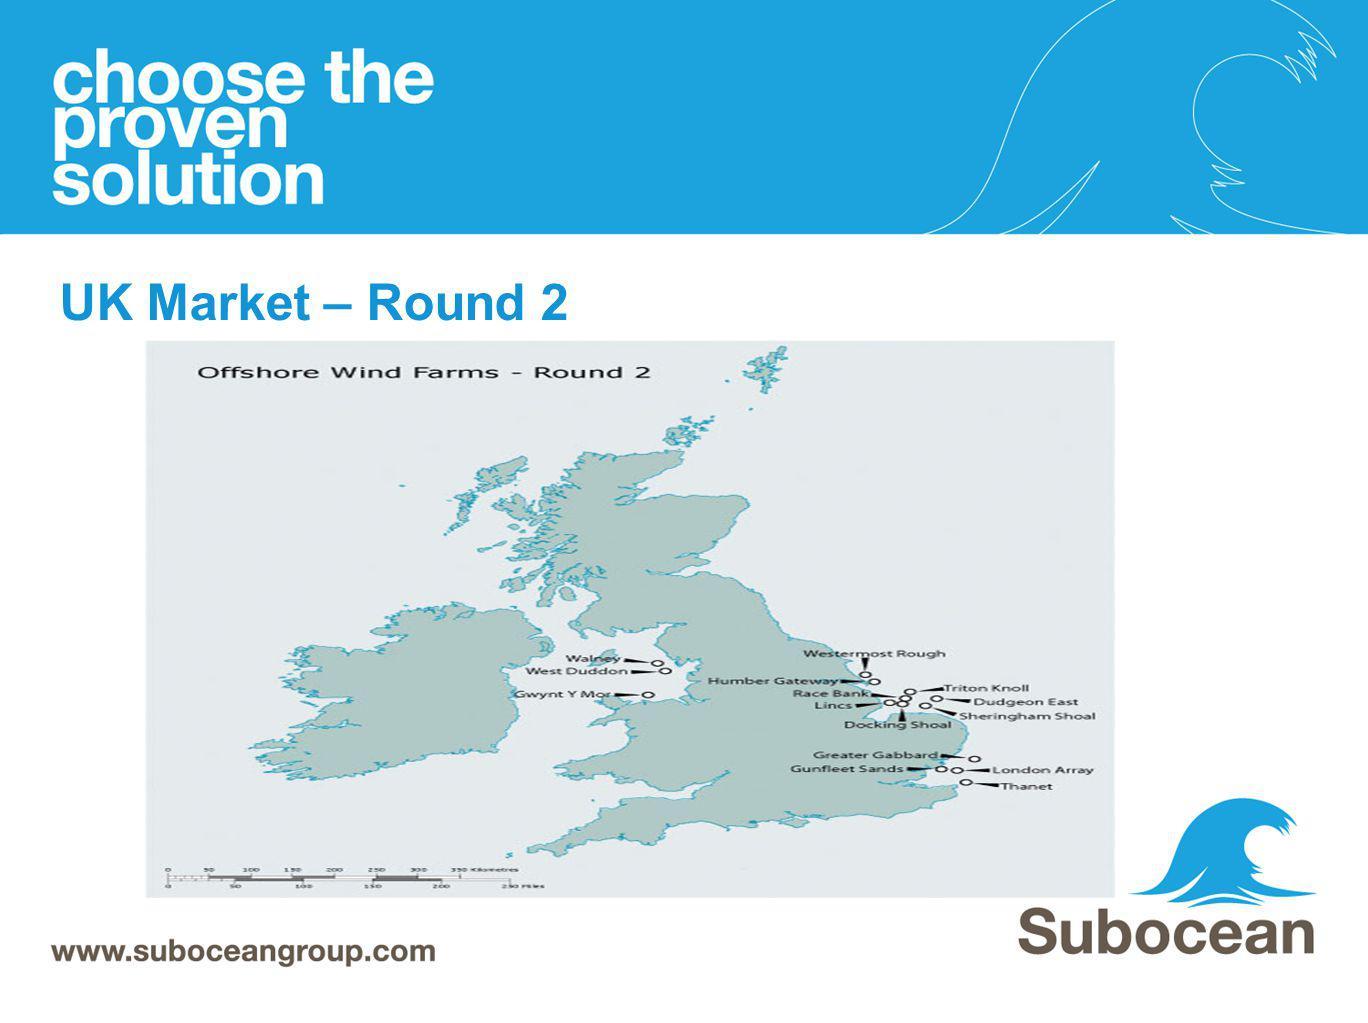 UK Market – Round 2